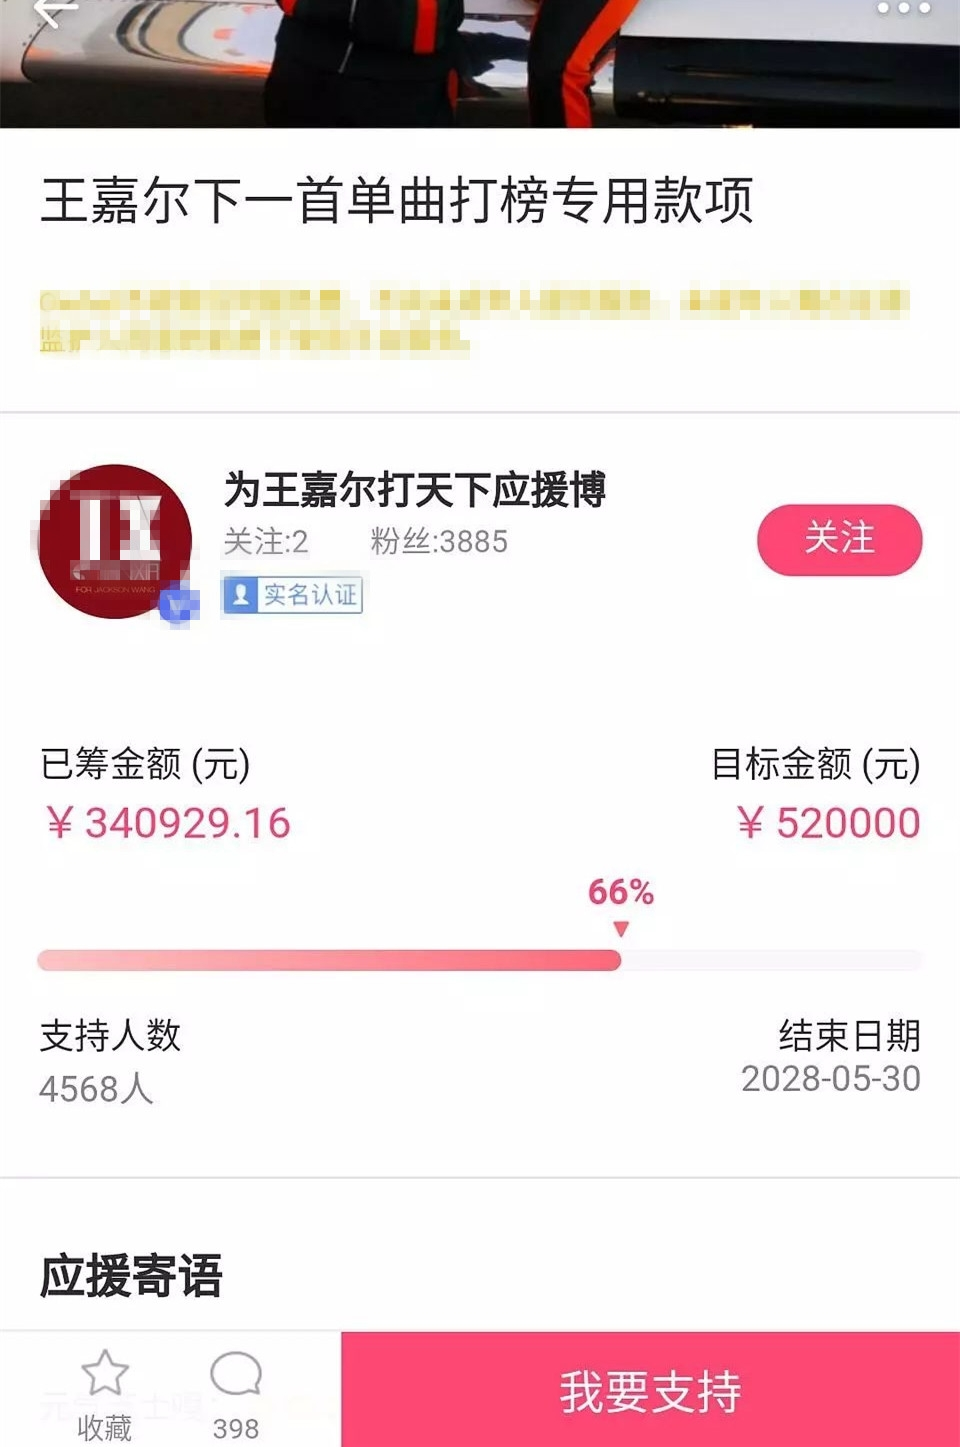 粉丝刷榜让吴亦凡全网被嘲,王嘉尔新歌却默默登上了美榜第二!